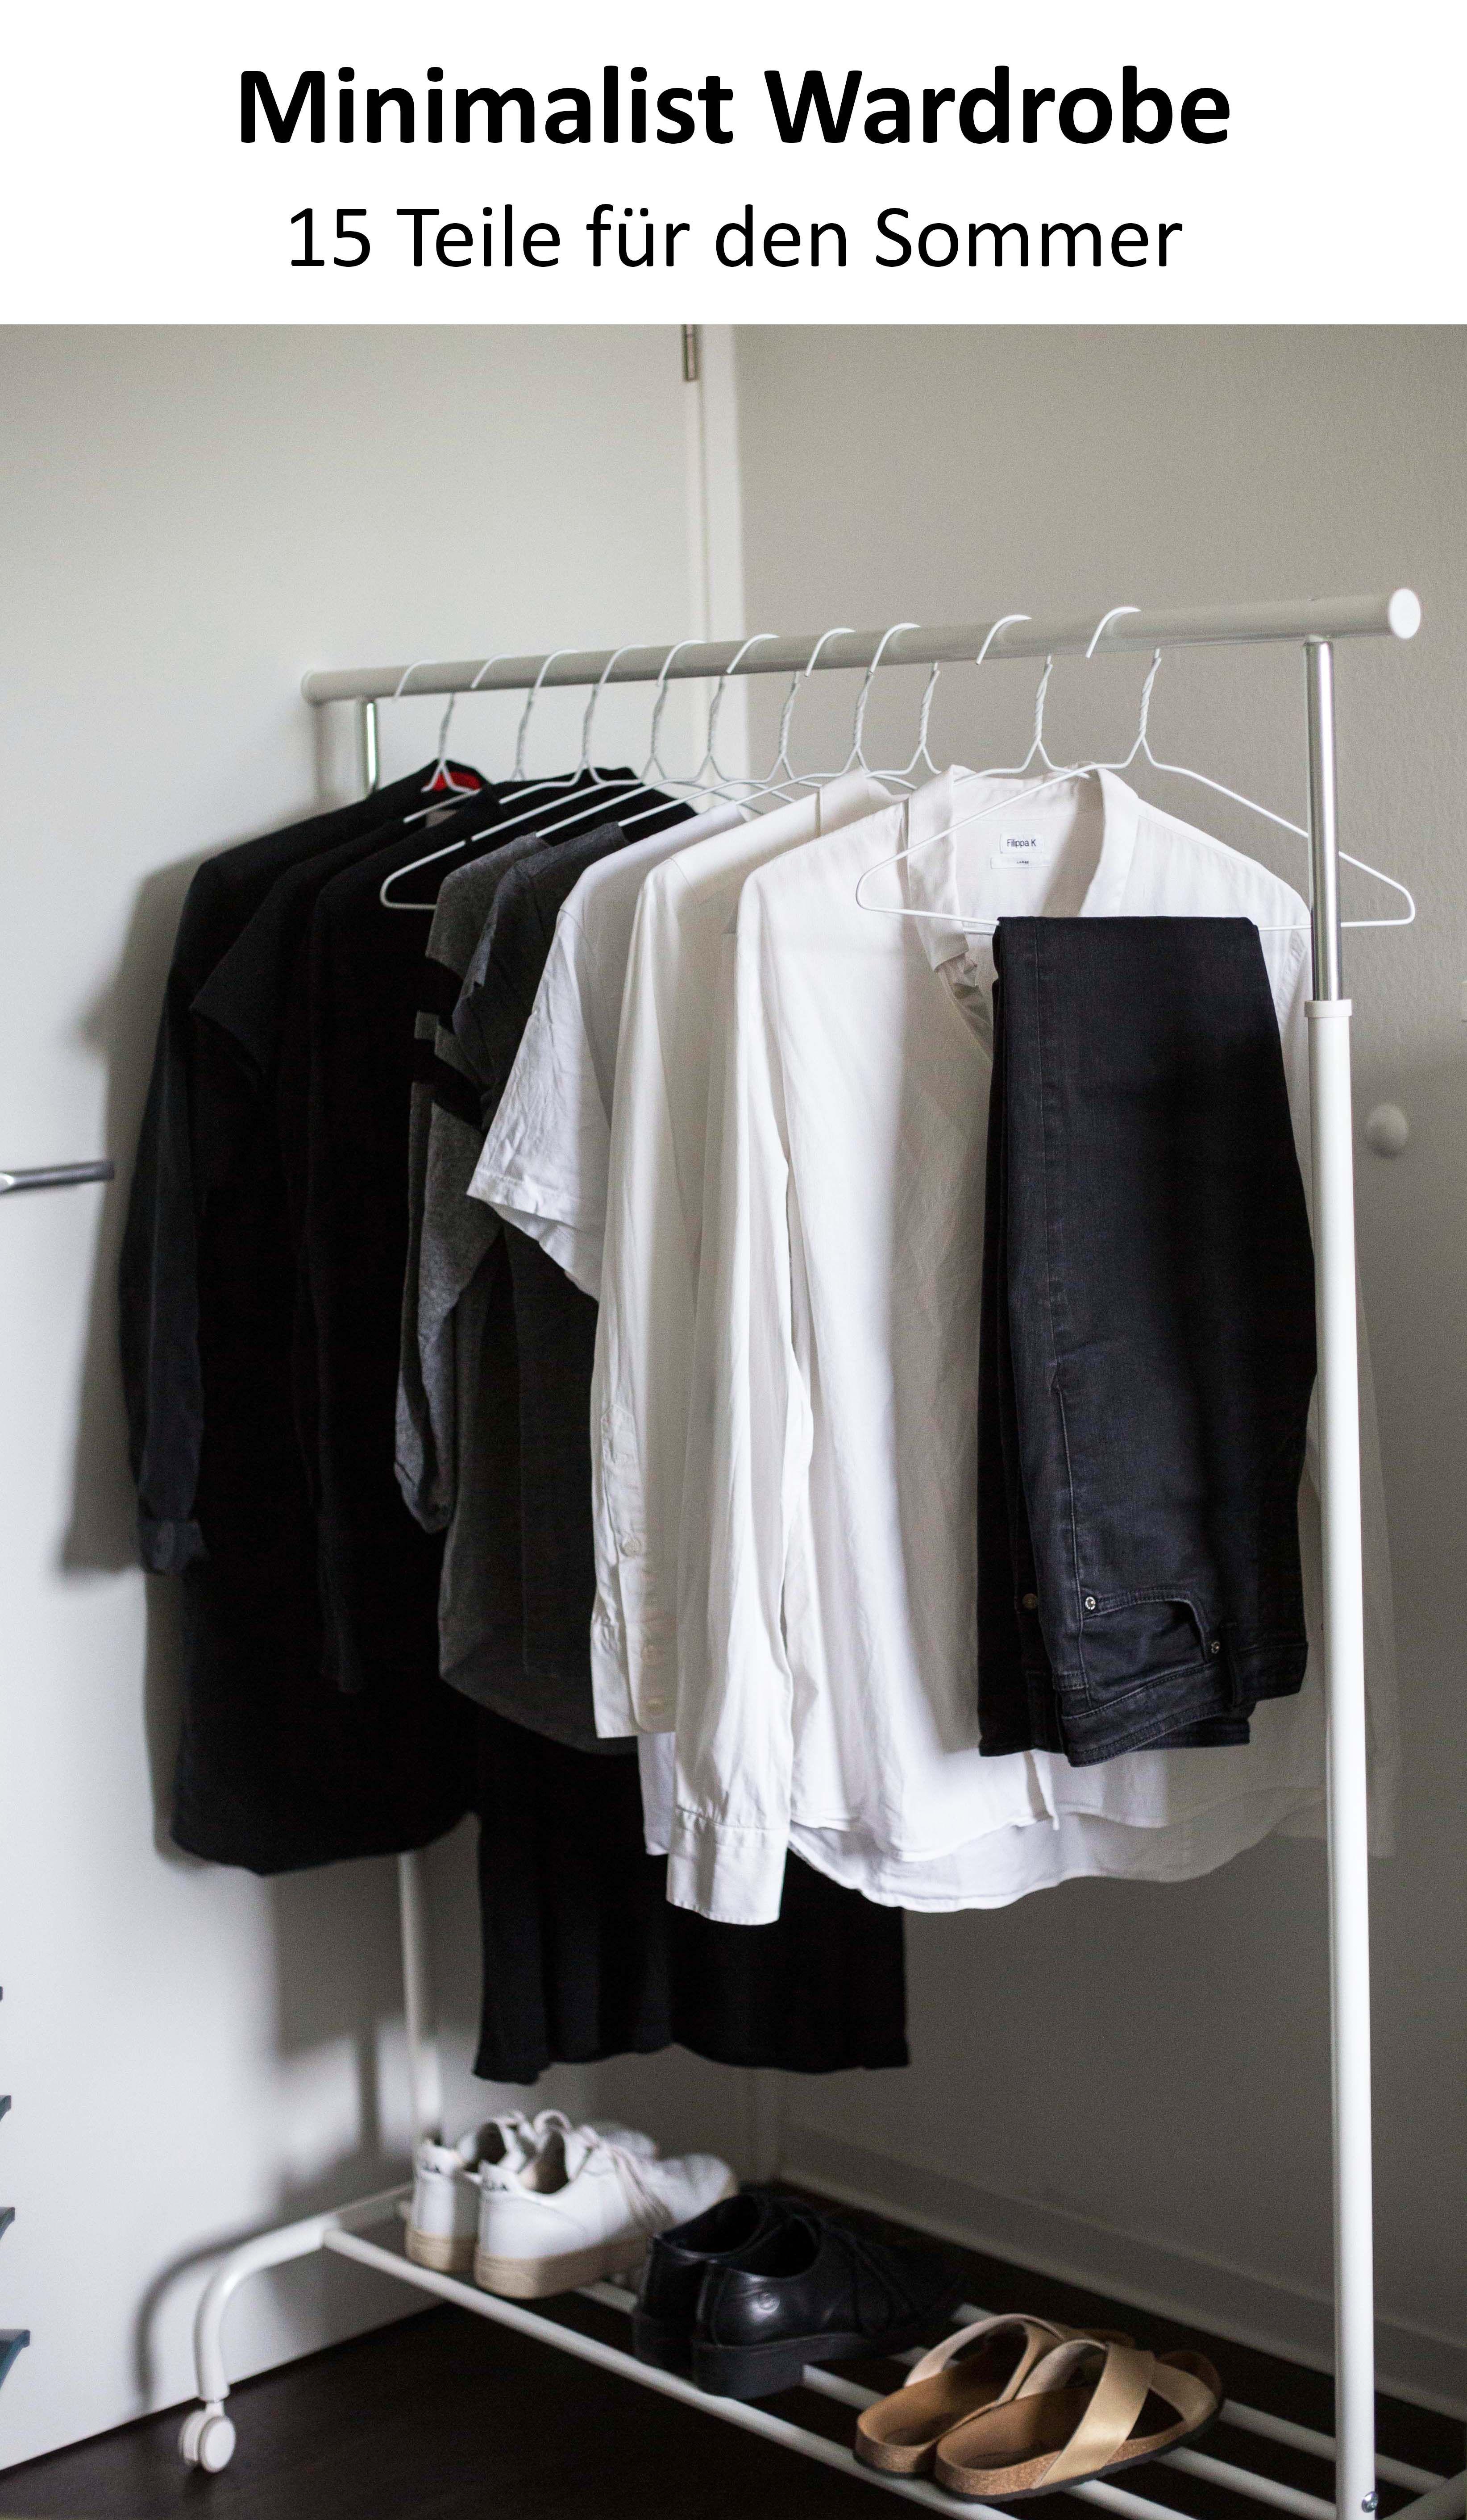 Juni15x30 challenge minimalismus im kleiderschrank for Minimalistischer kleiderschrank